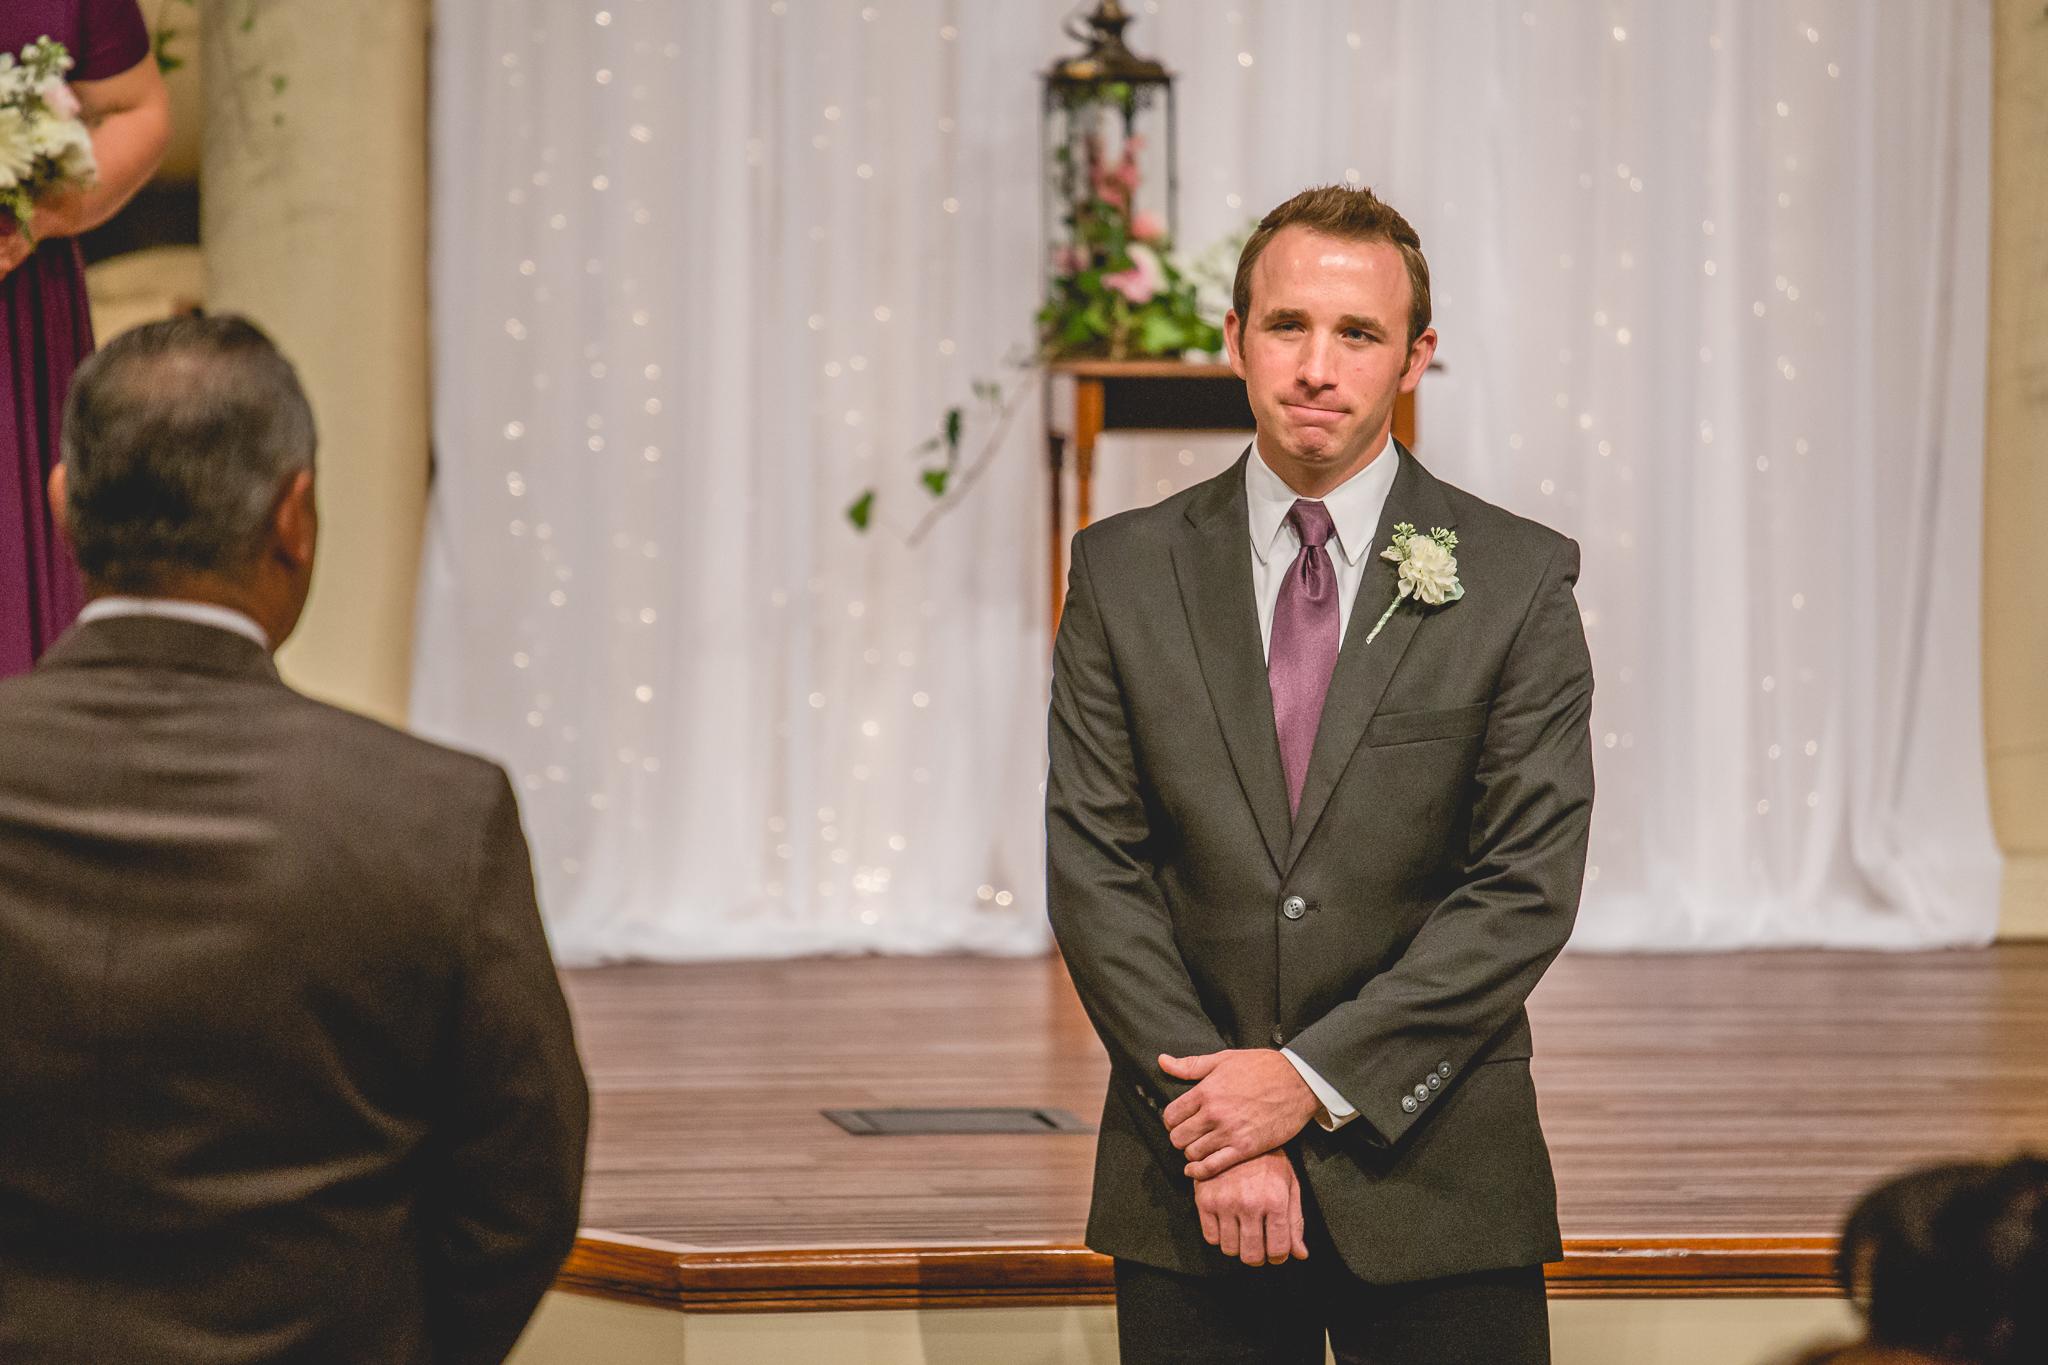 Wedding-3724.jpg